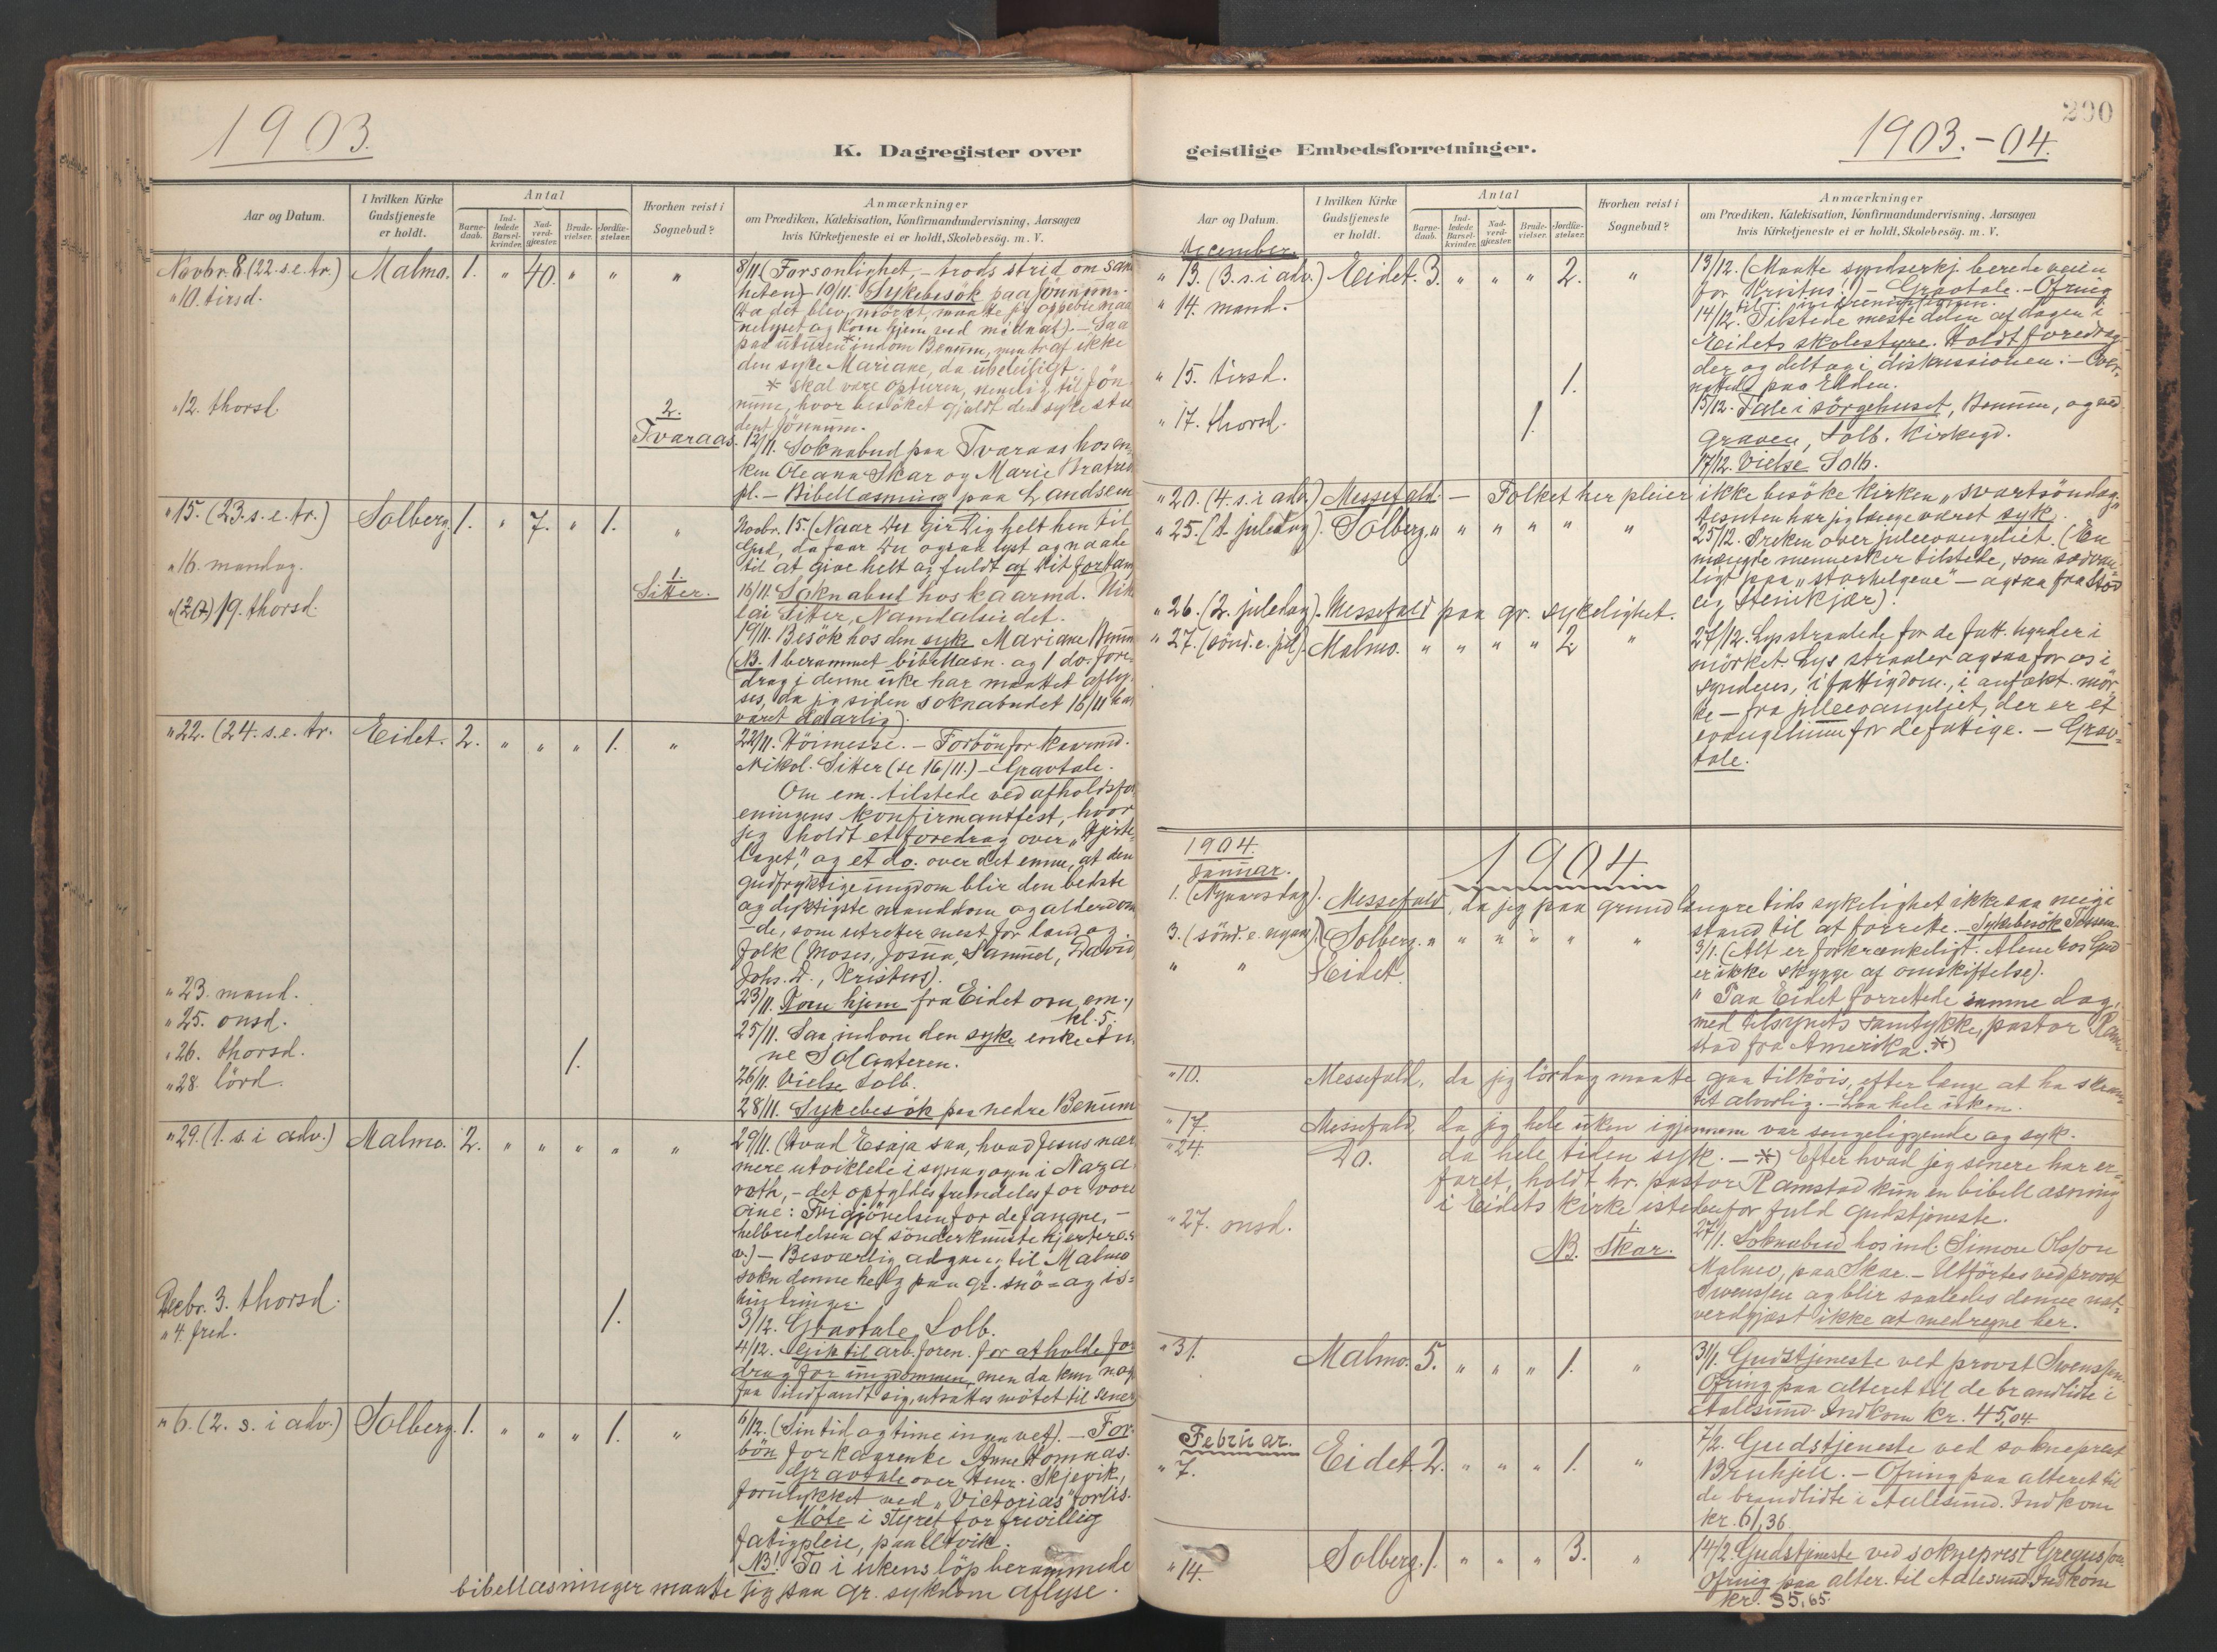 SAT, Ministerialprotokoller, klokkerbøker og fødselsregistre - Nord-Trøndelag, 741/L0397: Ministerialbok nr. 741A11, 1901-1911, s. 200